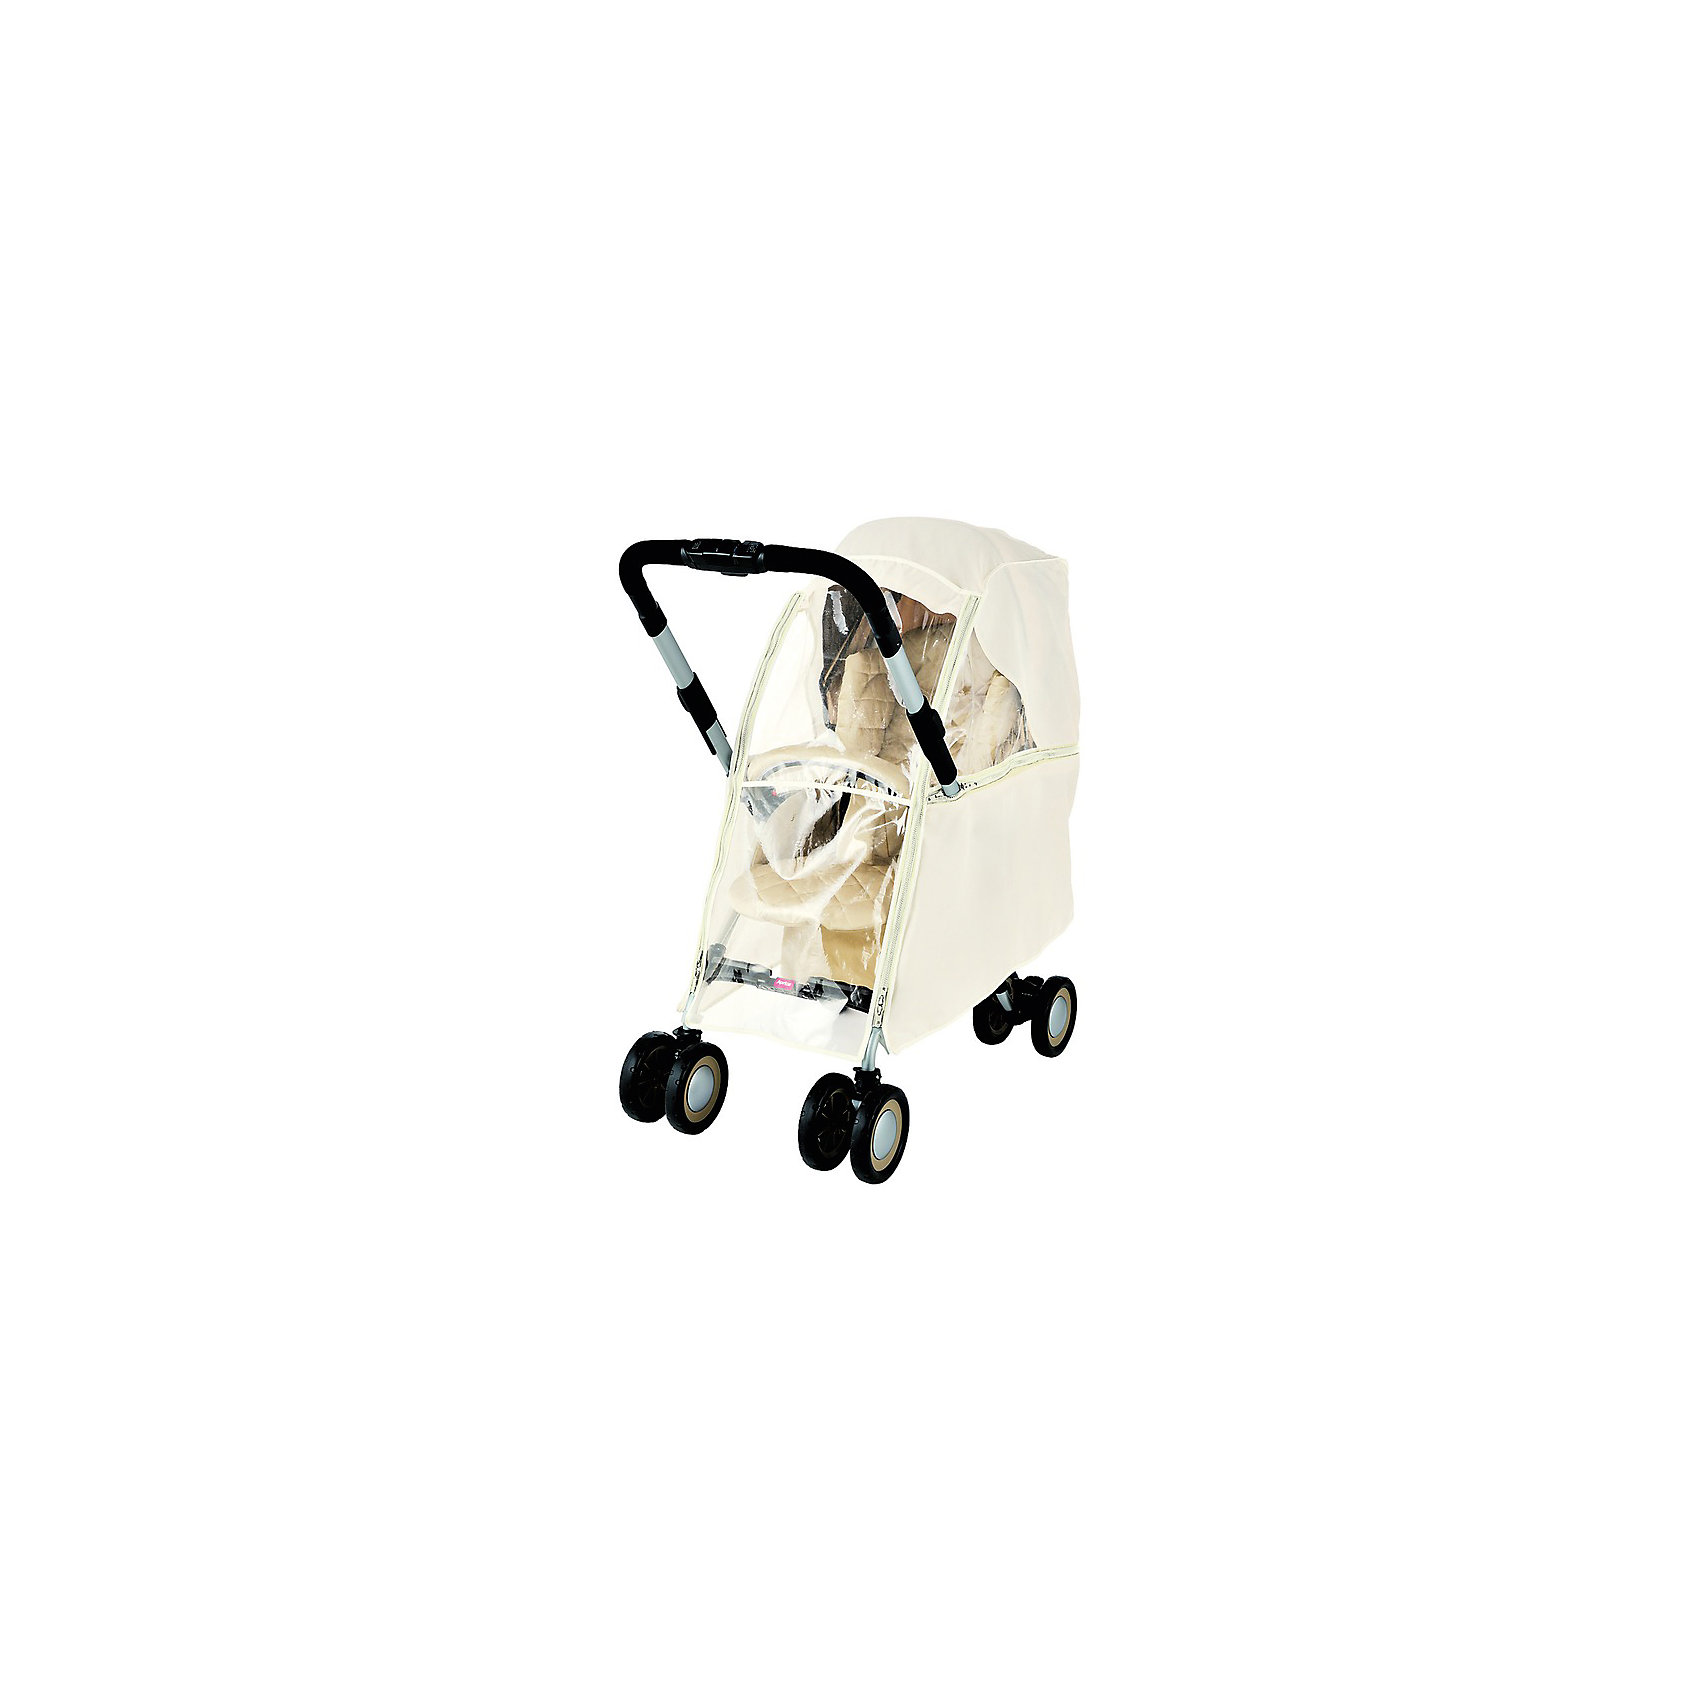 Дождевик Air Ria, ApricaАксессуары для колясок<br>Дождевик для прогулочной коляски Air Ria – надежный аксессуар из плотного материала, который предназначен защищает ребенка от дождя. Дождевик полностью закрывает прогулочный блок коляски, легко надевается, застегивается на молнию. Материал: полиэтилен и полиэстер. <br><br>Дождевик для коляски Air Ria, Aprica можно купить в нашем интернет-магазине.<br><br>Ширина мм: 350<br>Глубина мм: 290<br>Высота мм: 40<br>Вес г: 400<br>Возраст от месяцев: 0<br>Возраст до месяцев: 48<br>Пол: Унисекс<br>Возраст: Детский<br>SKU: 5451723